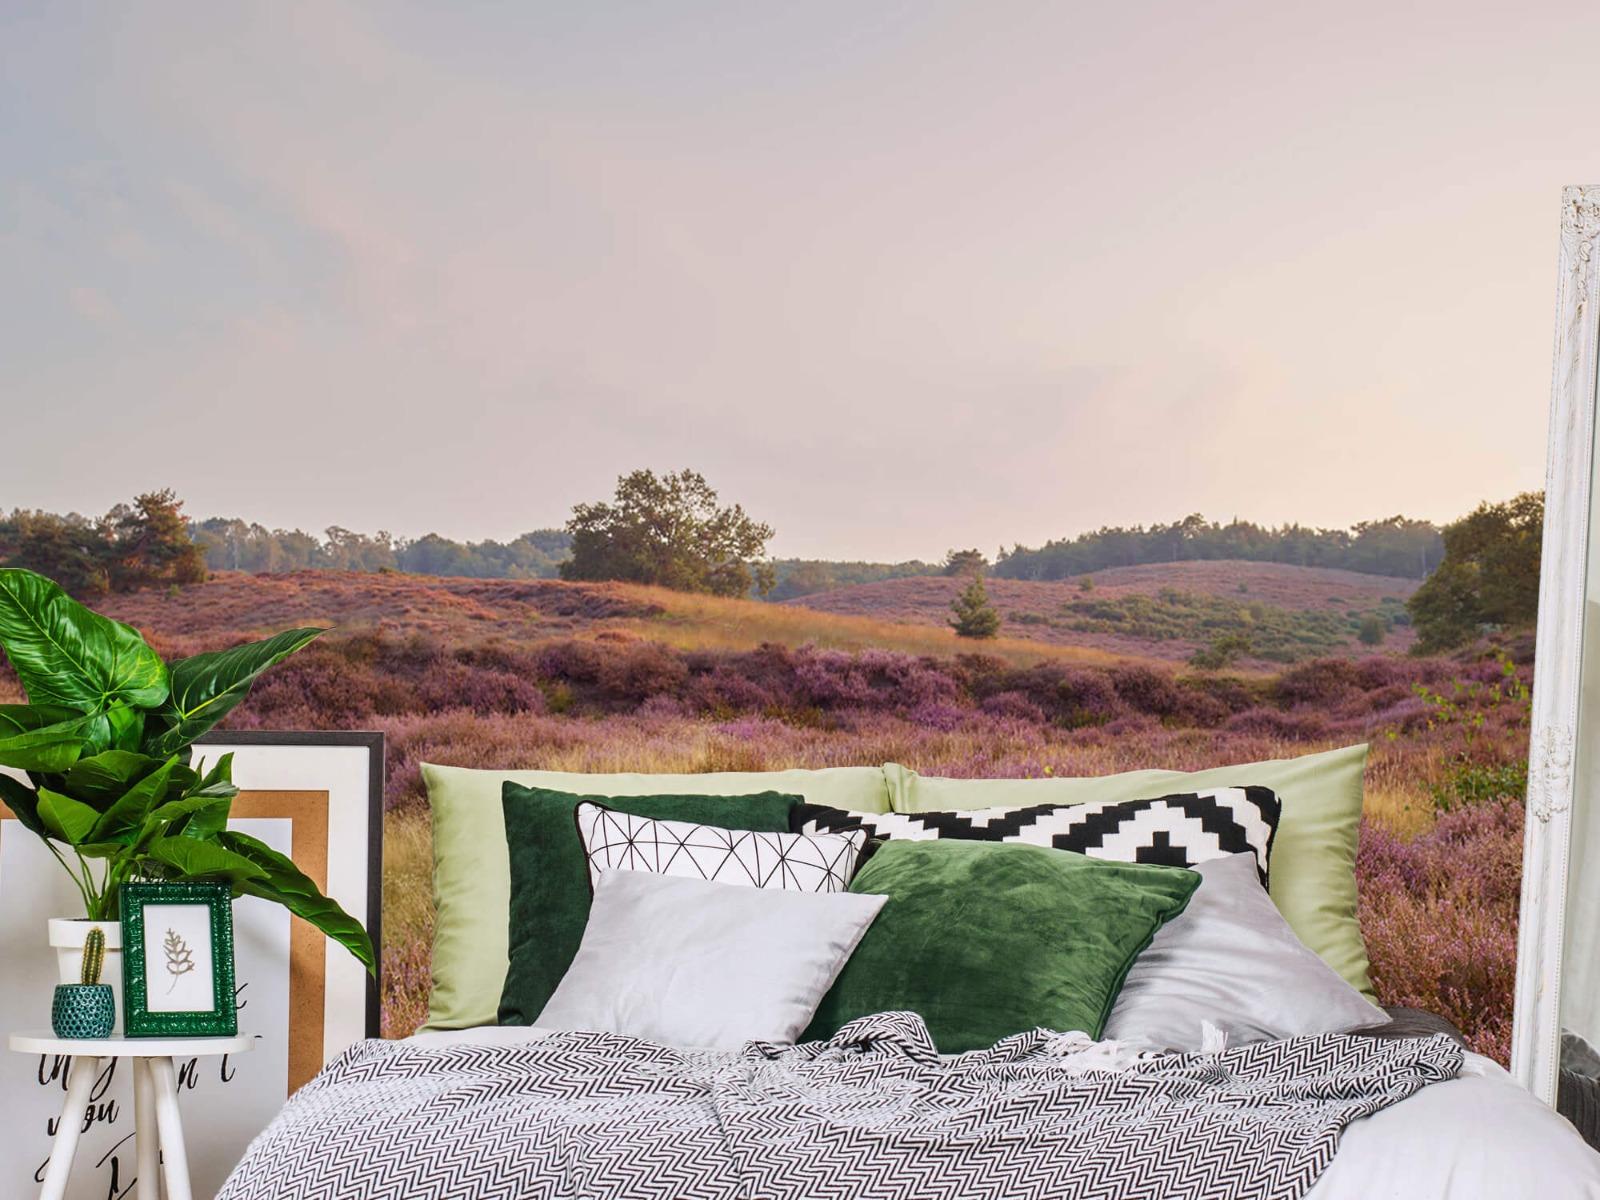 Landschap - Heide bij zonsopgang - Slaapkamer 13